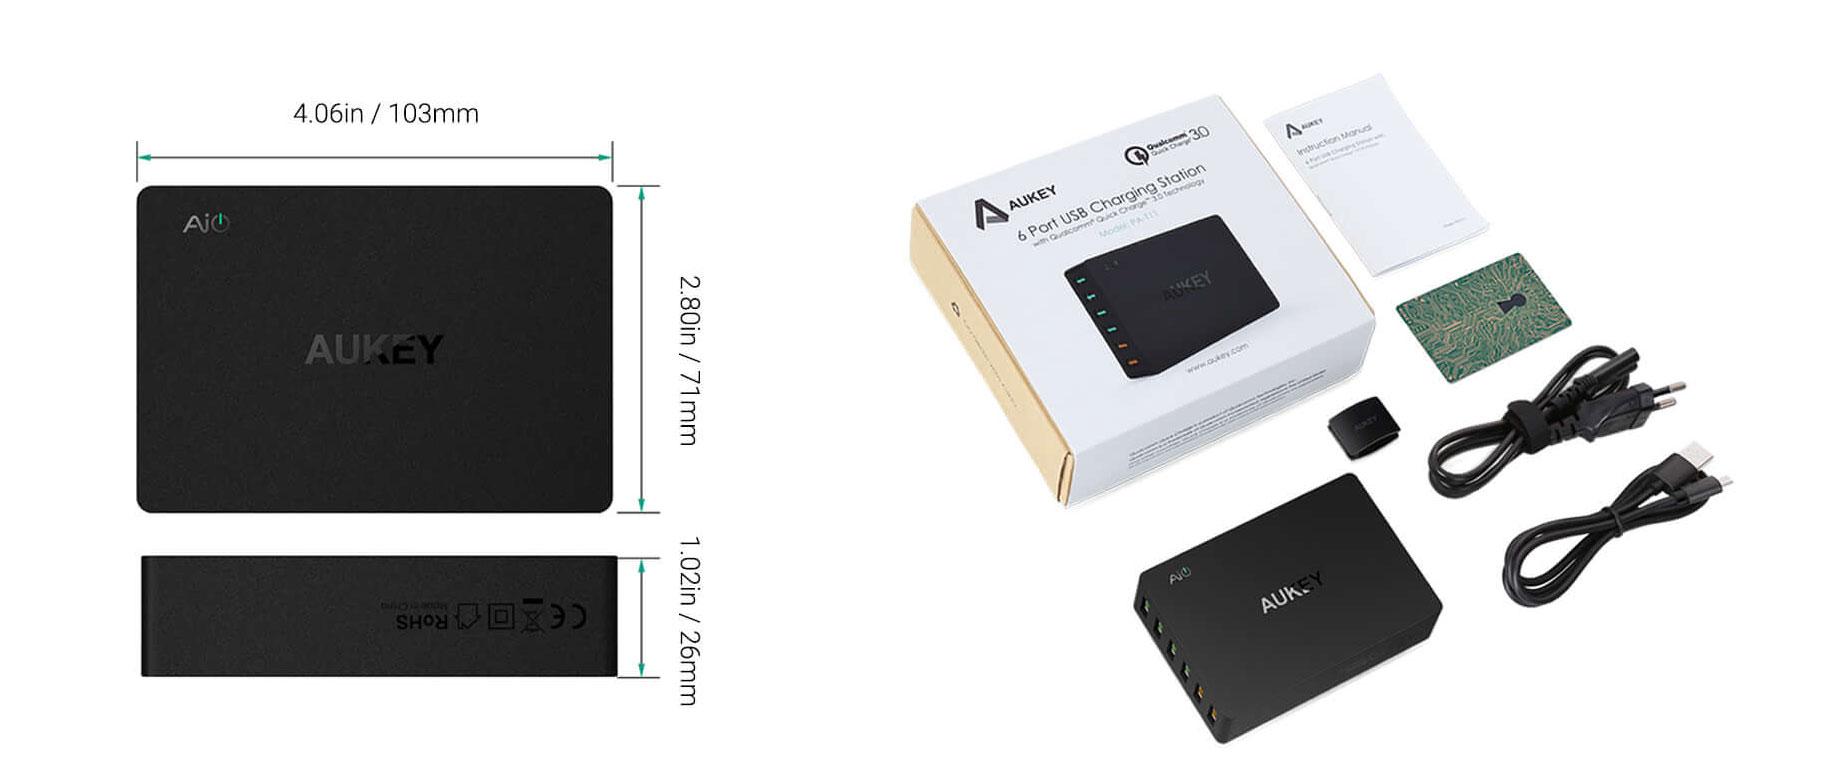 PA-T11, il caricabatterie tascabile con tante porte